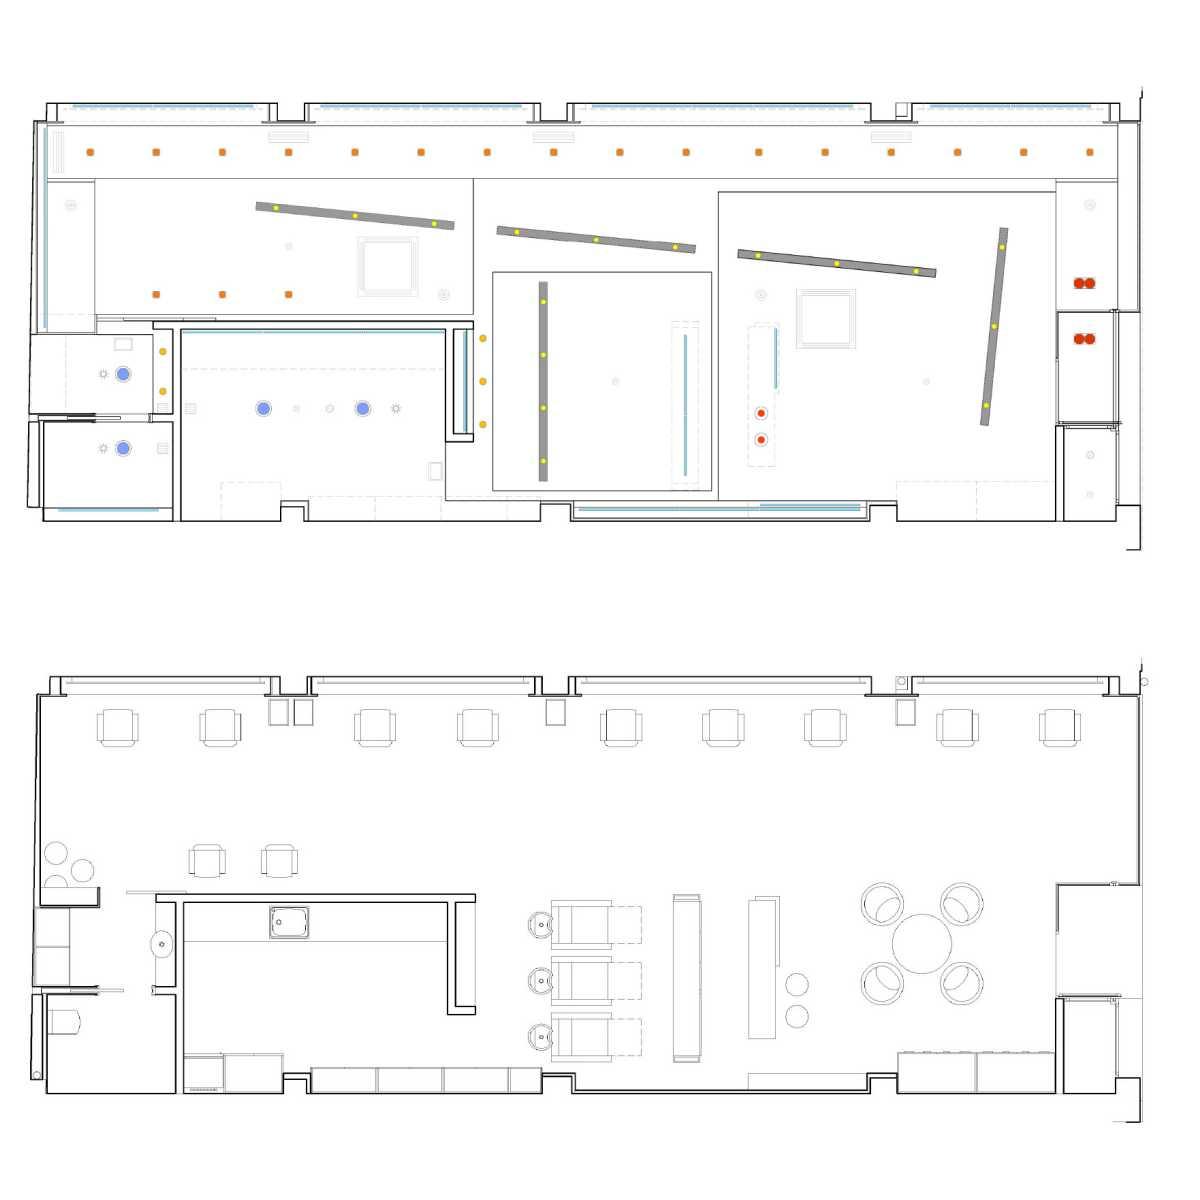 Los planos de planta y techos.